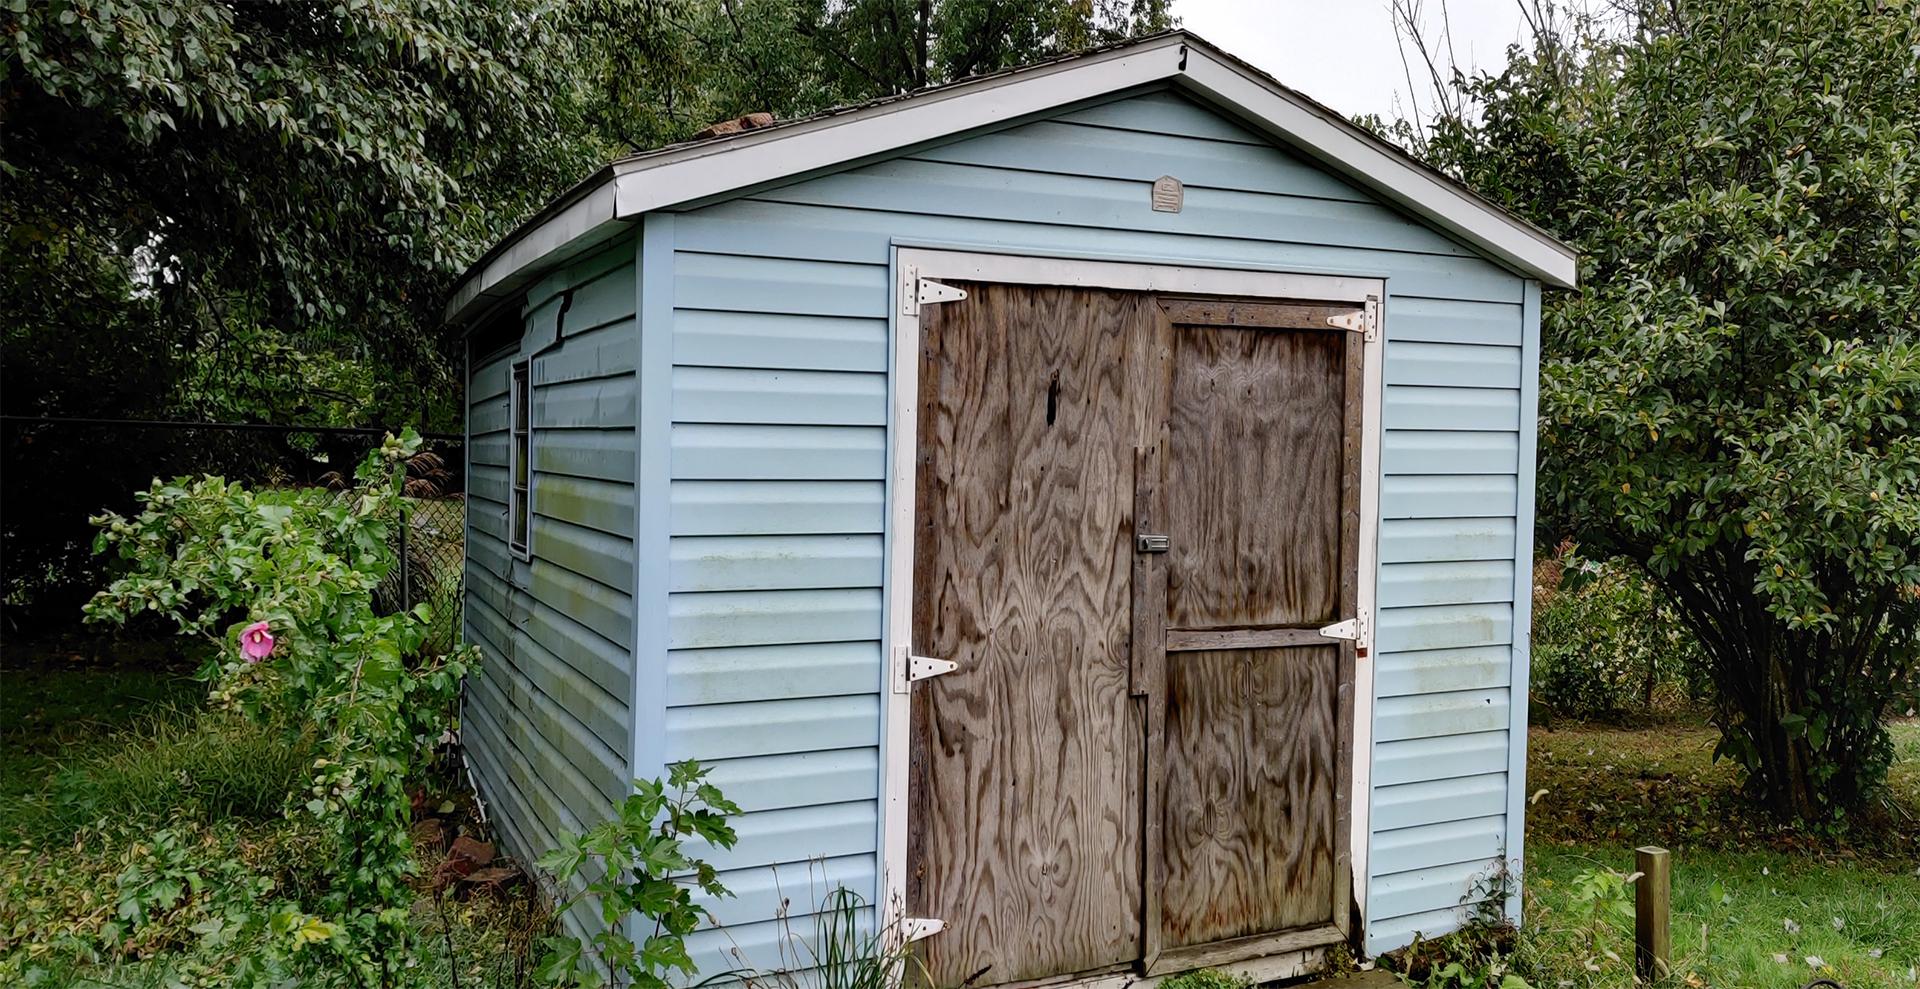 Siding Door Reroof Windows Ramp